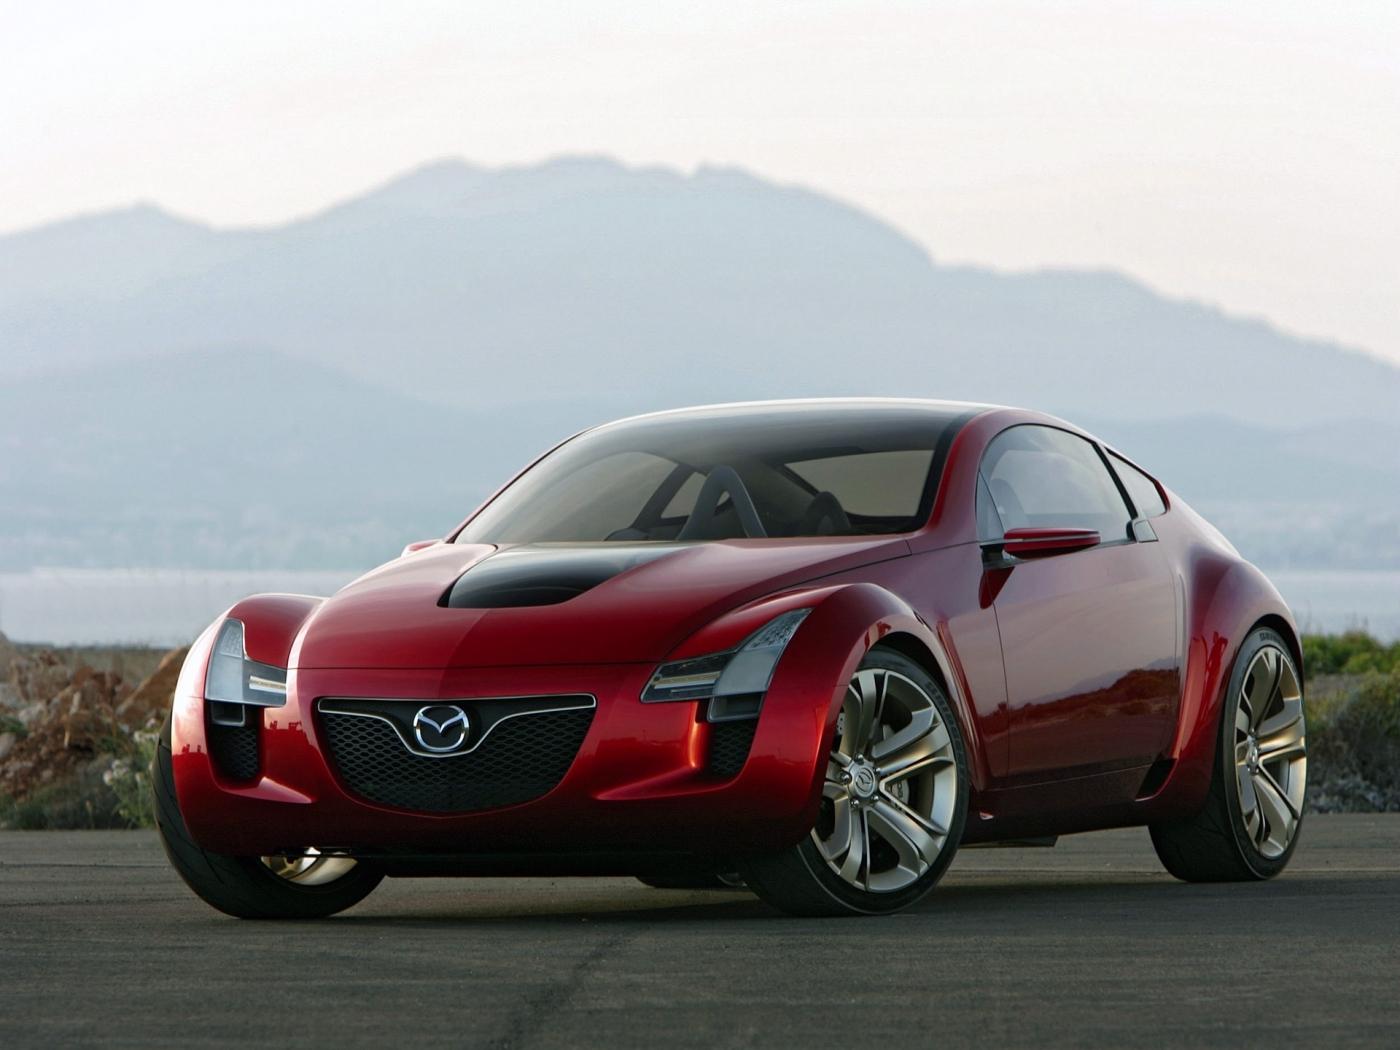 25697 скачать обои Транспорт, Машины, Мазда (Mazda) - заставки и картинки бесплатно